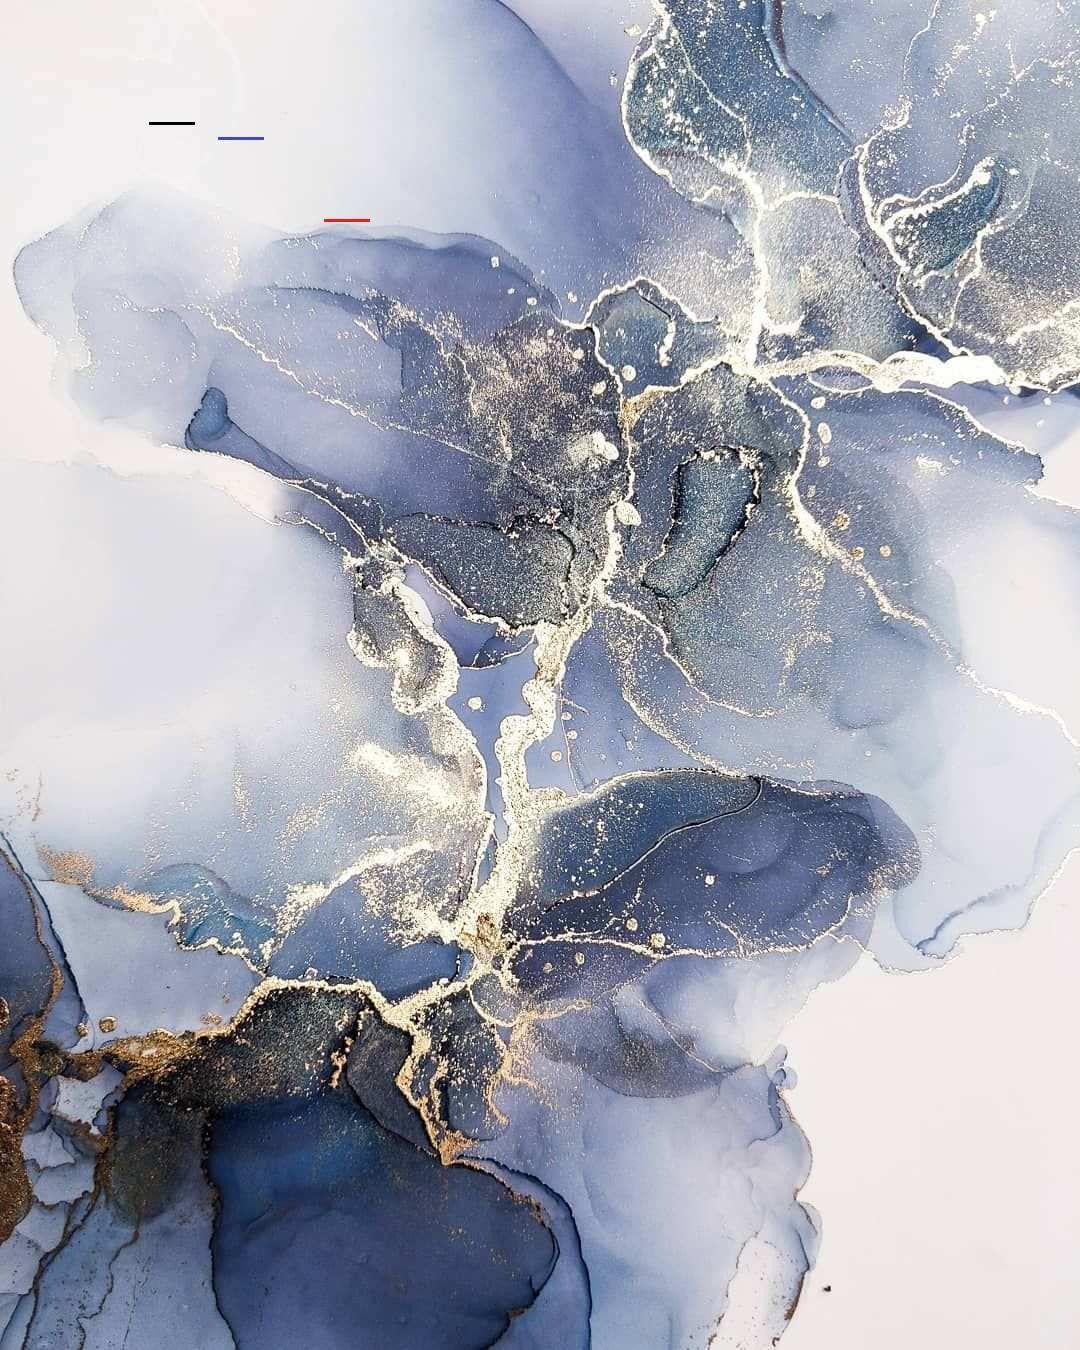 עיצוב בכחול עמוק על גווניו כולל נגעה של זהב, שמנת וחום